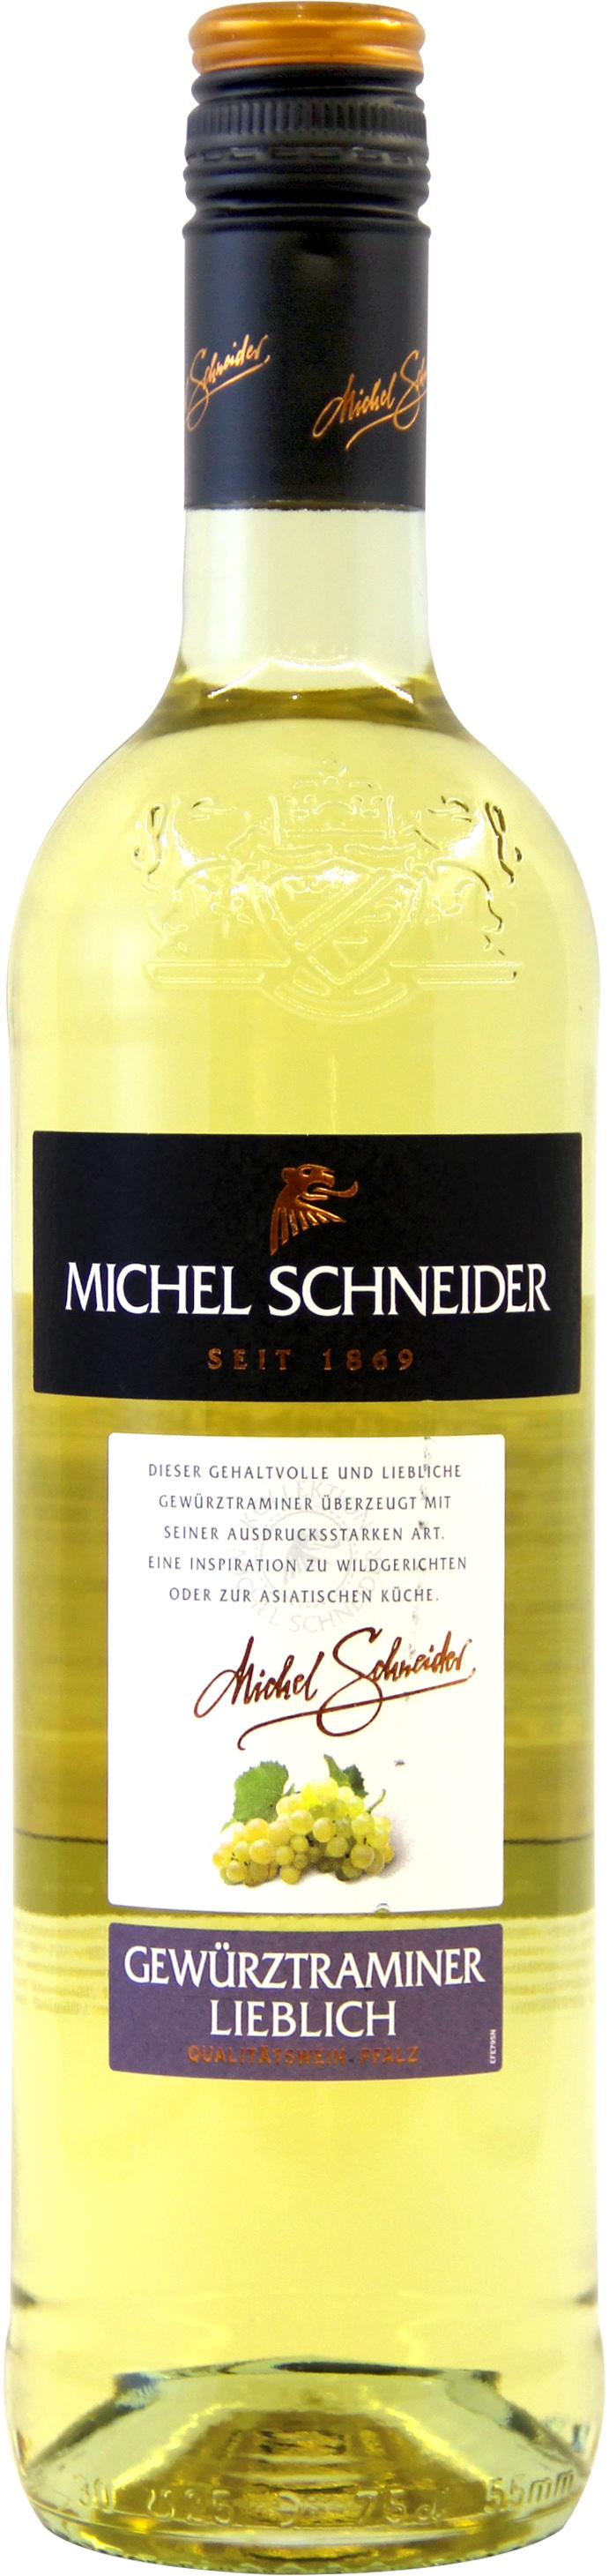 米歇尔施耐德琼瑶浆半甜白葡萄酒